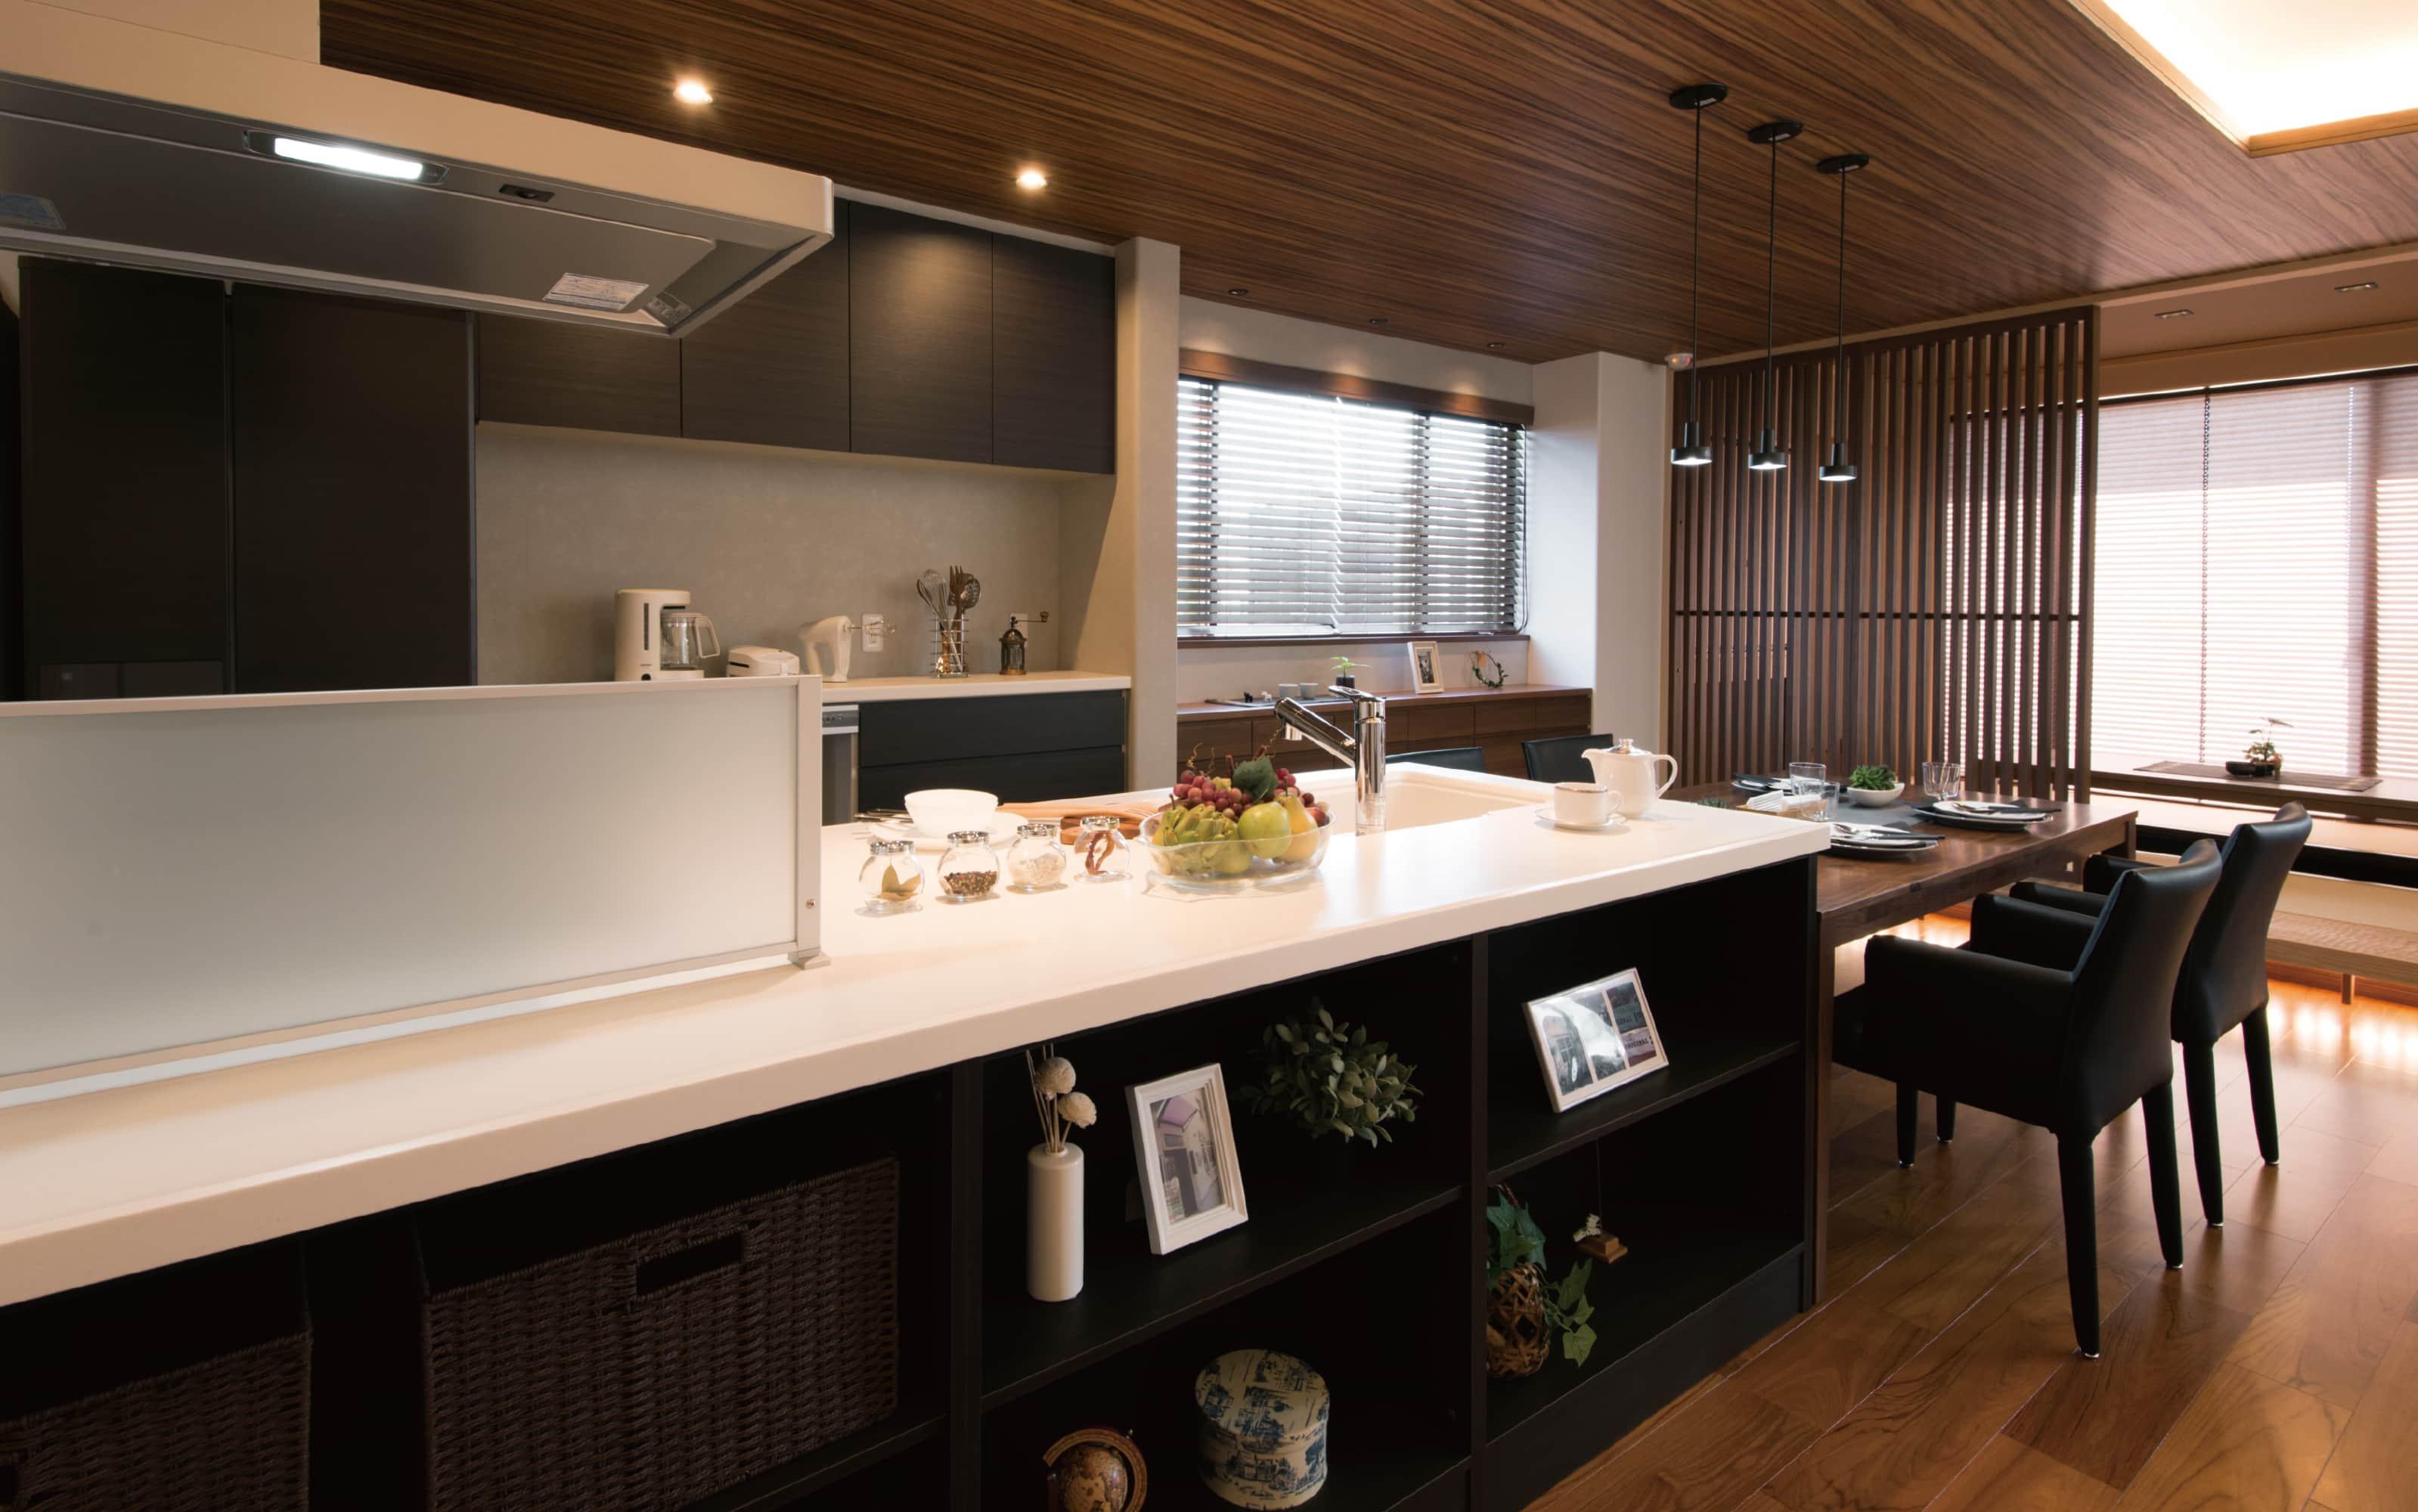 デザイン性と快適性を兼ね備えた二世帯住宅